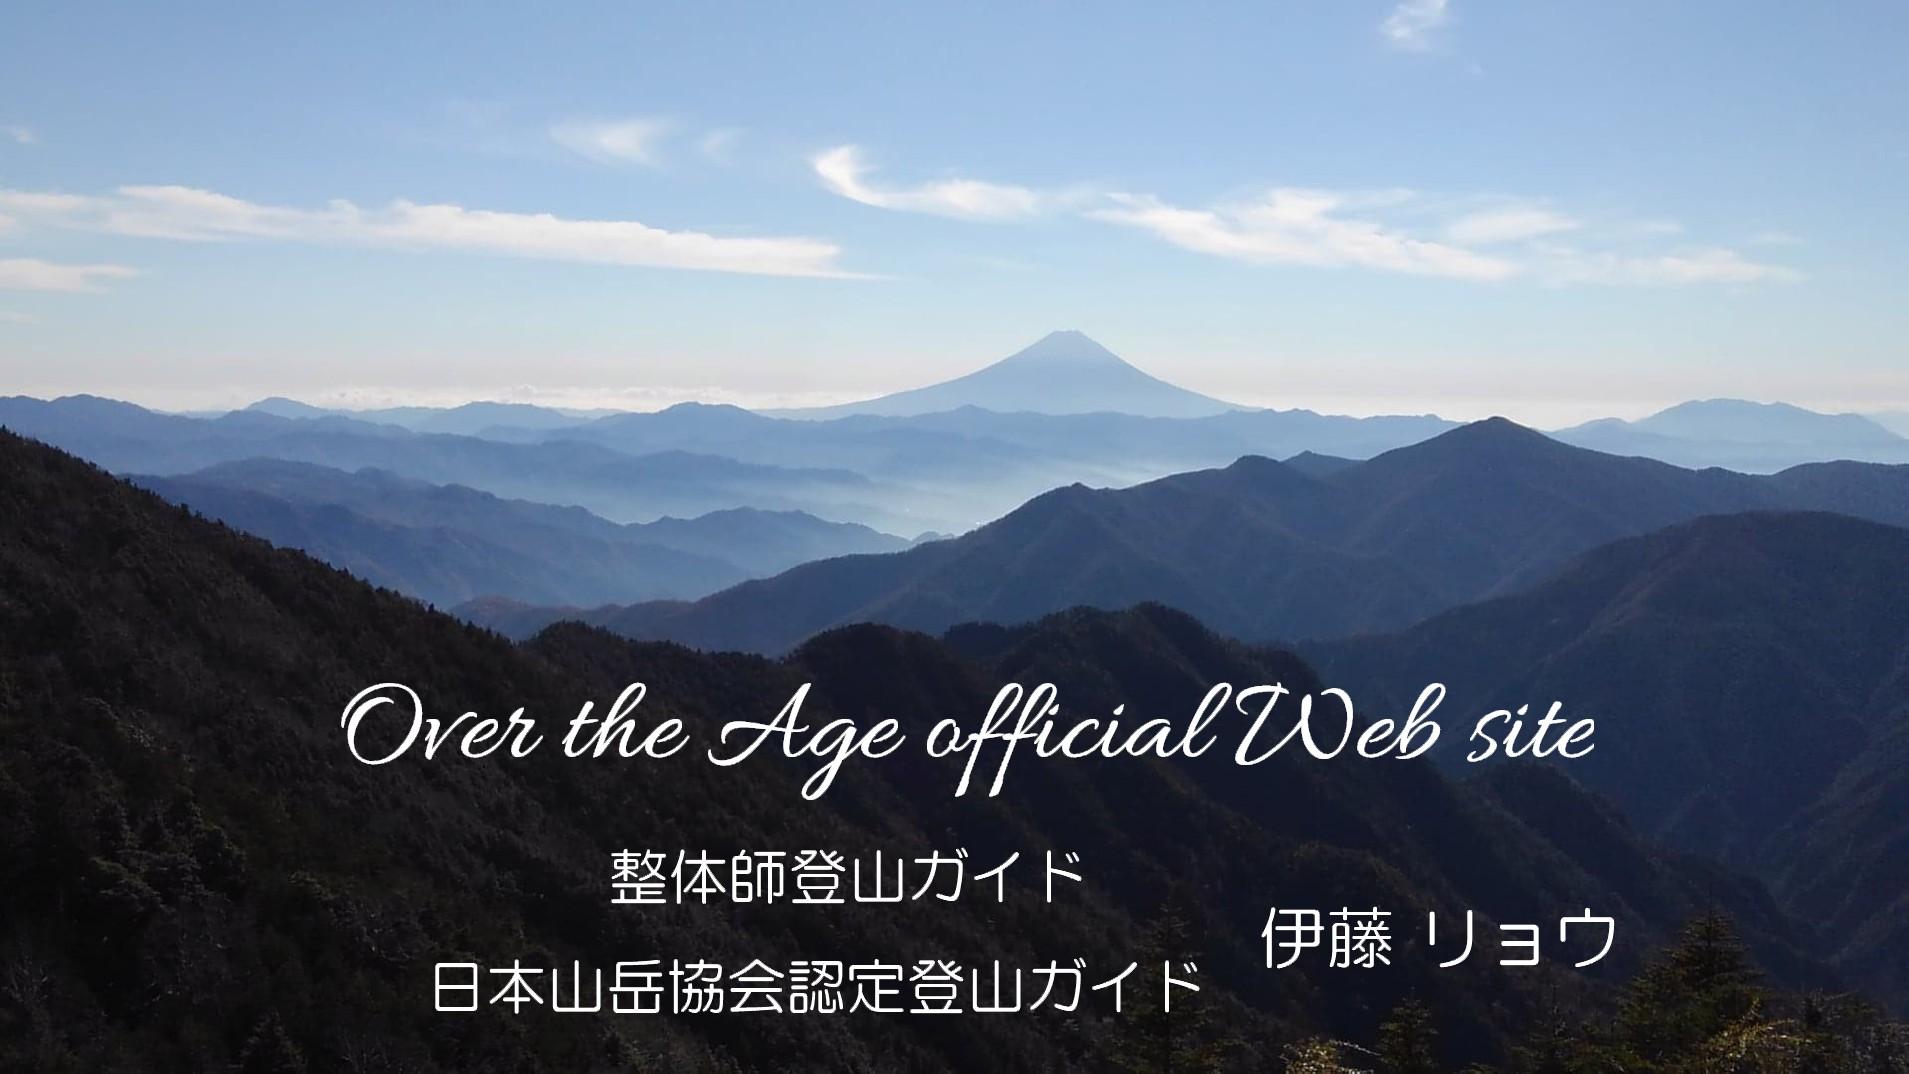 整体師登山ガイド 伊藤 リョウ